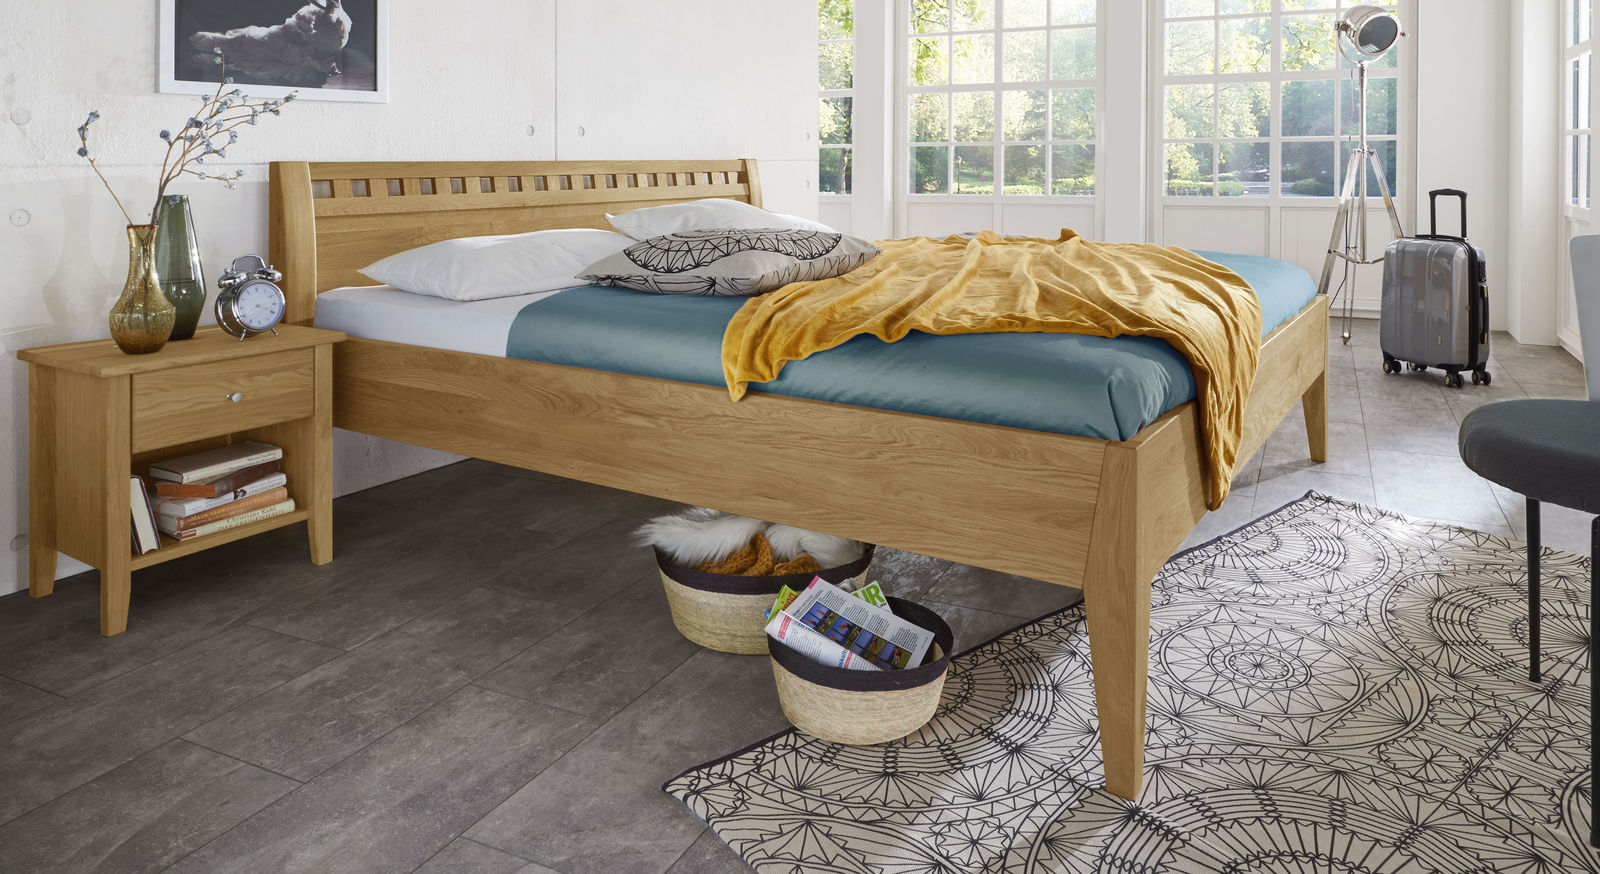 Einzel Und Doppelbett In Komforthöhe Wildeiche Massiv Lancy